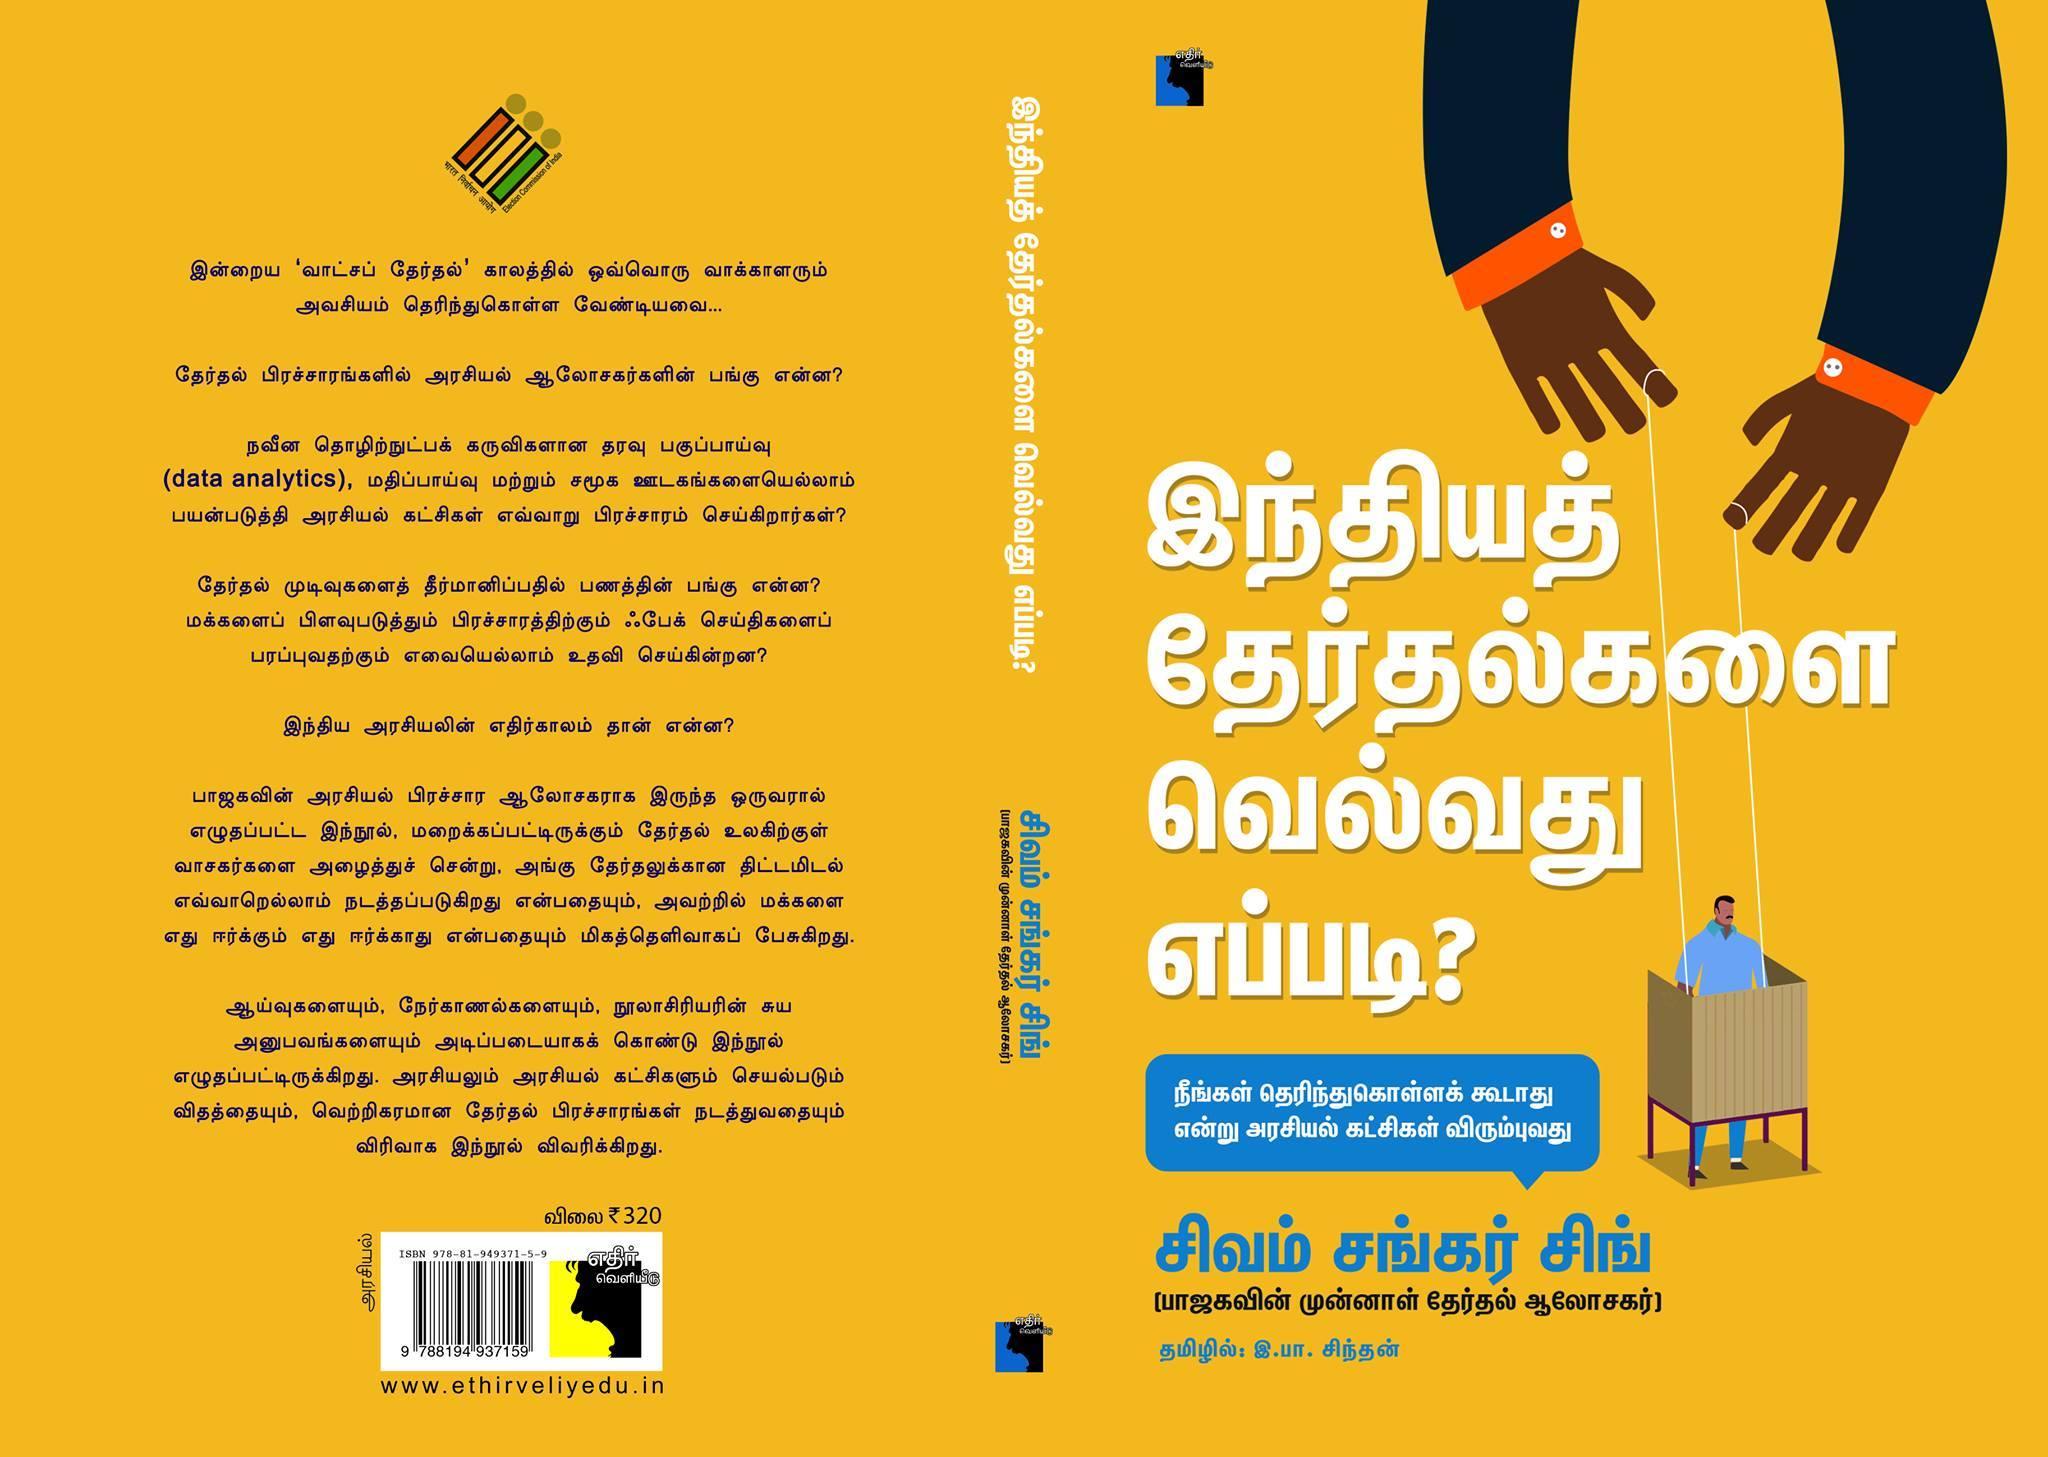 """இந்தியத் தேர்தல்களை வெல்வது எப்படி?"""" – ராஜசங்கீதன் – Indian News   SriLankan Tamil News   Articles  """